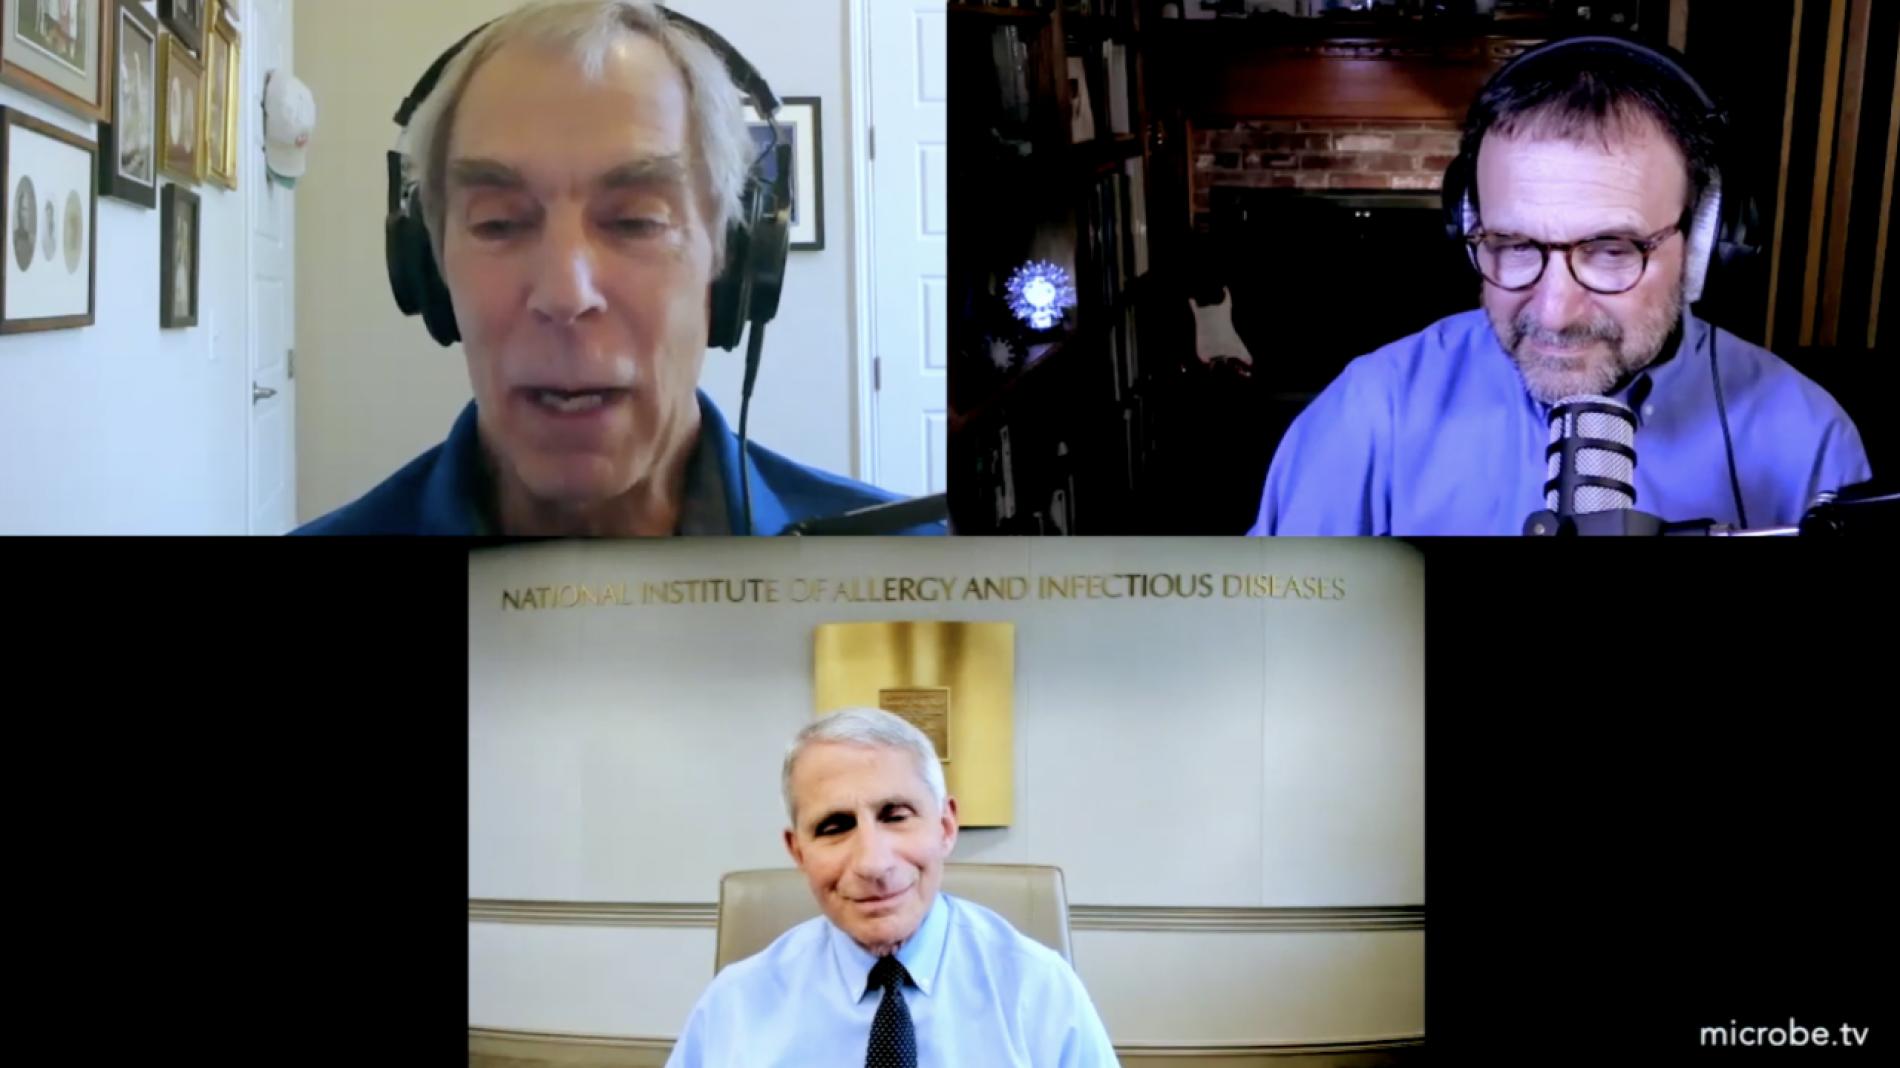 Il prof. della Columbia University Racaniello in video insieme al direttore del NIAID Fauci